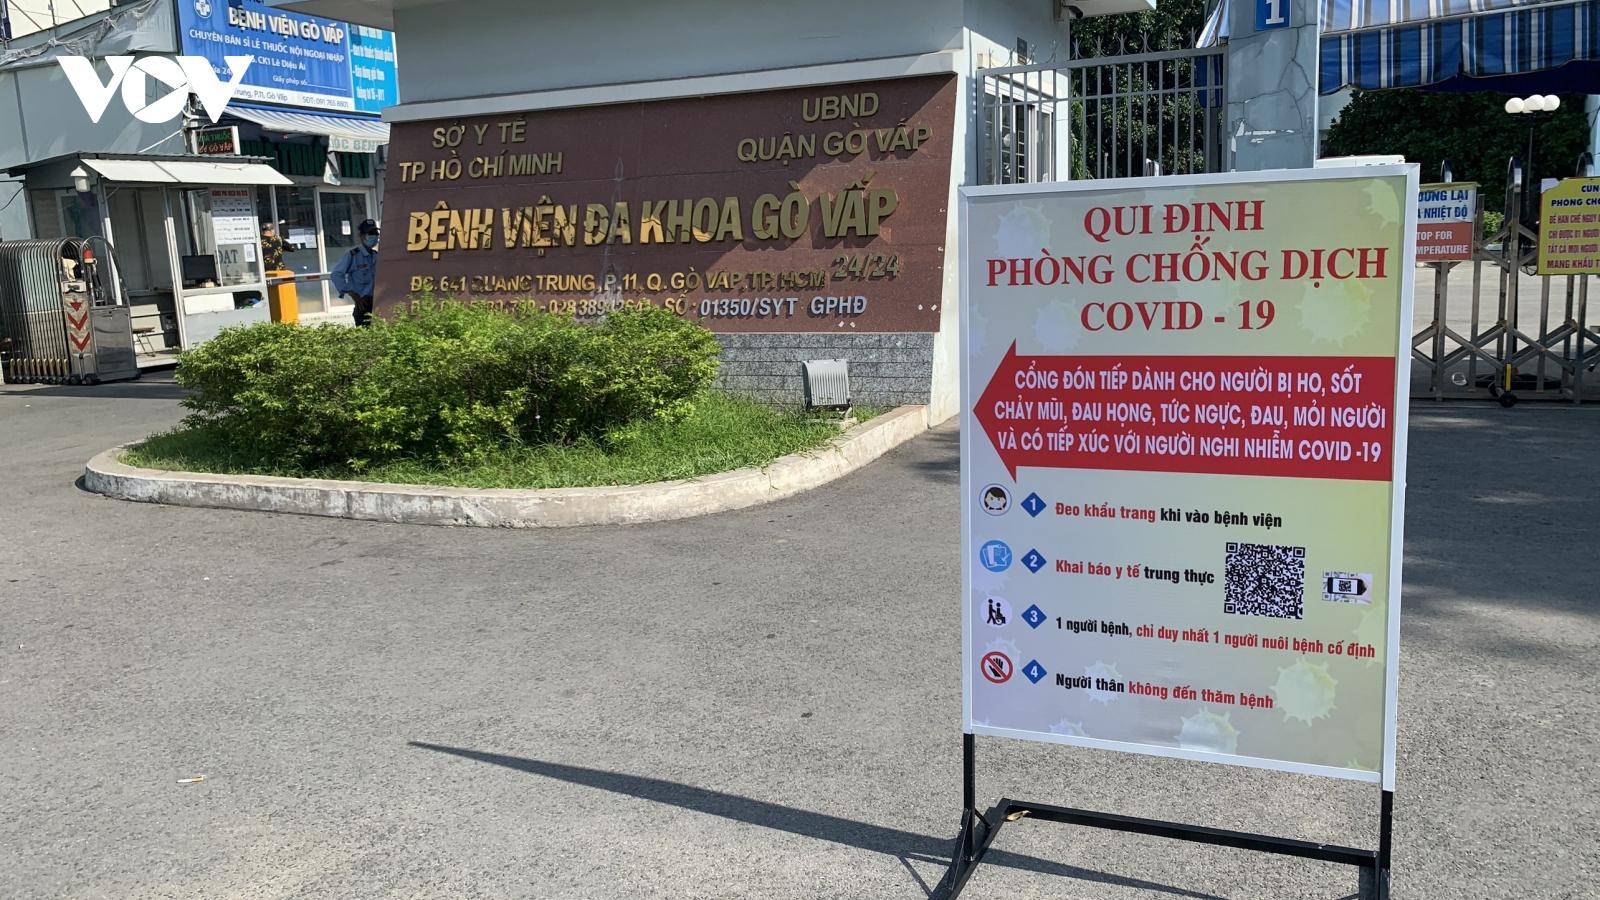 Sở Y tế TP.HCM lên tiếng về bệnh nhân mắc Covid-19 tử vong trên đường chuyển viện